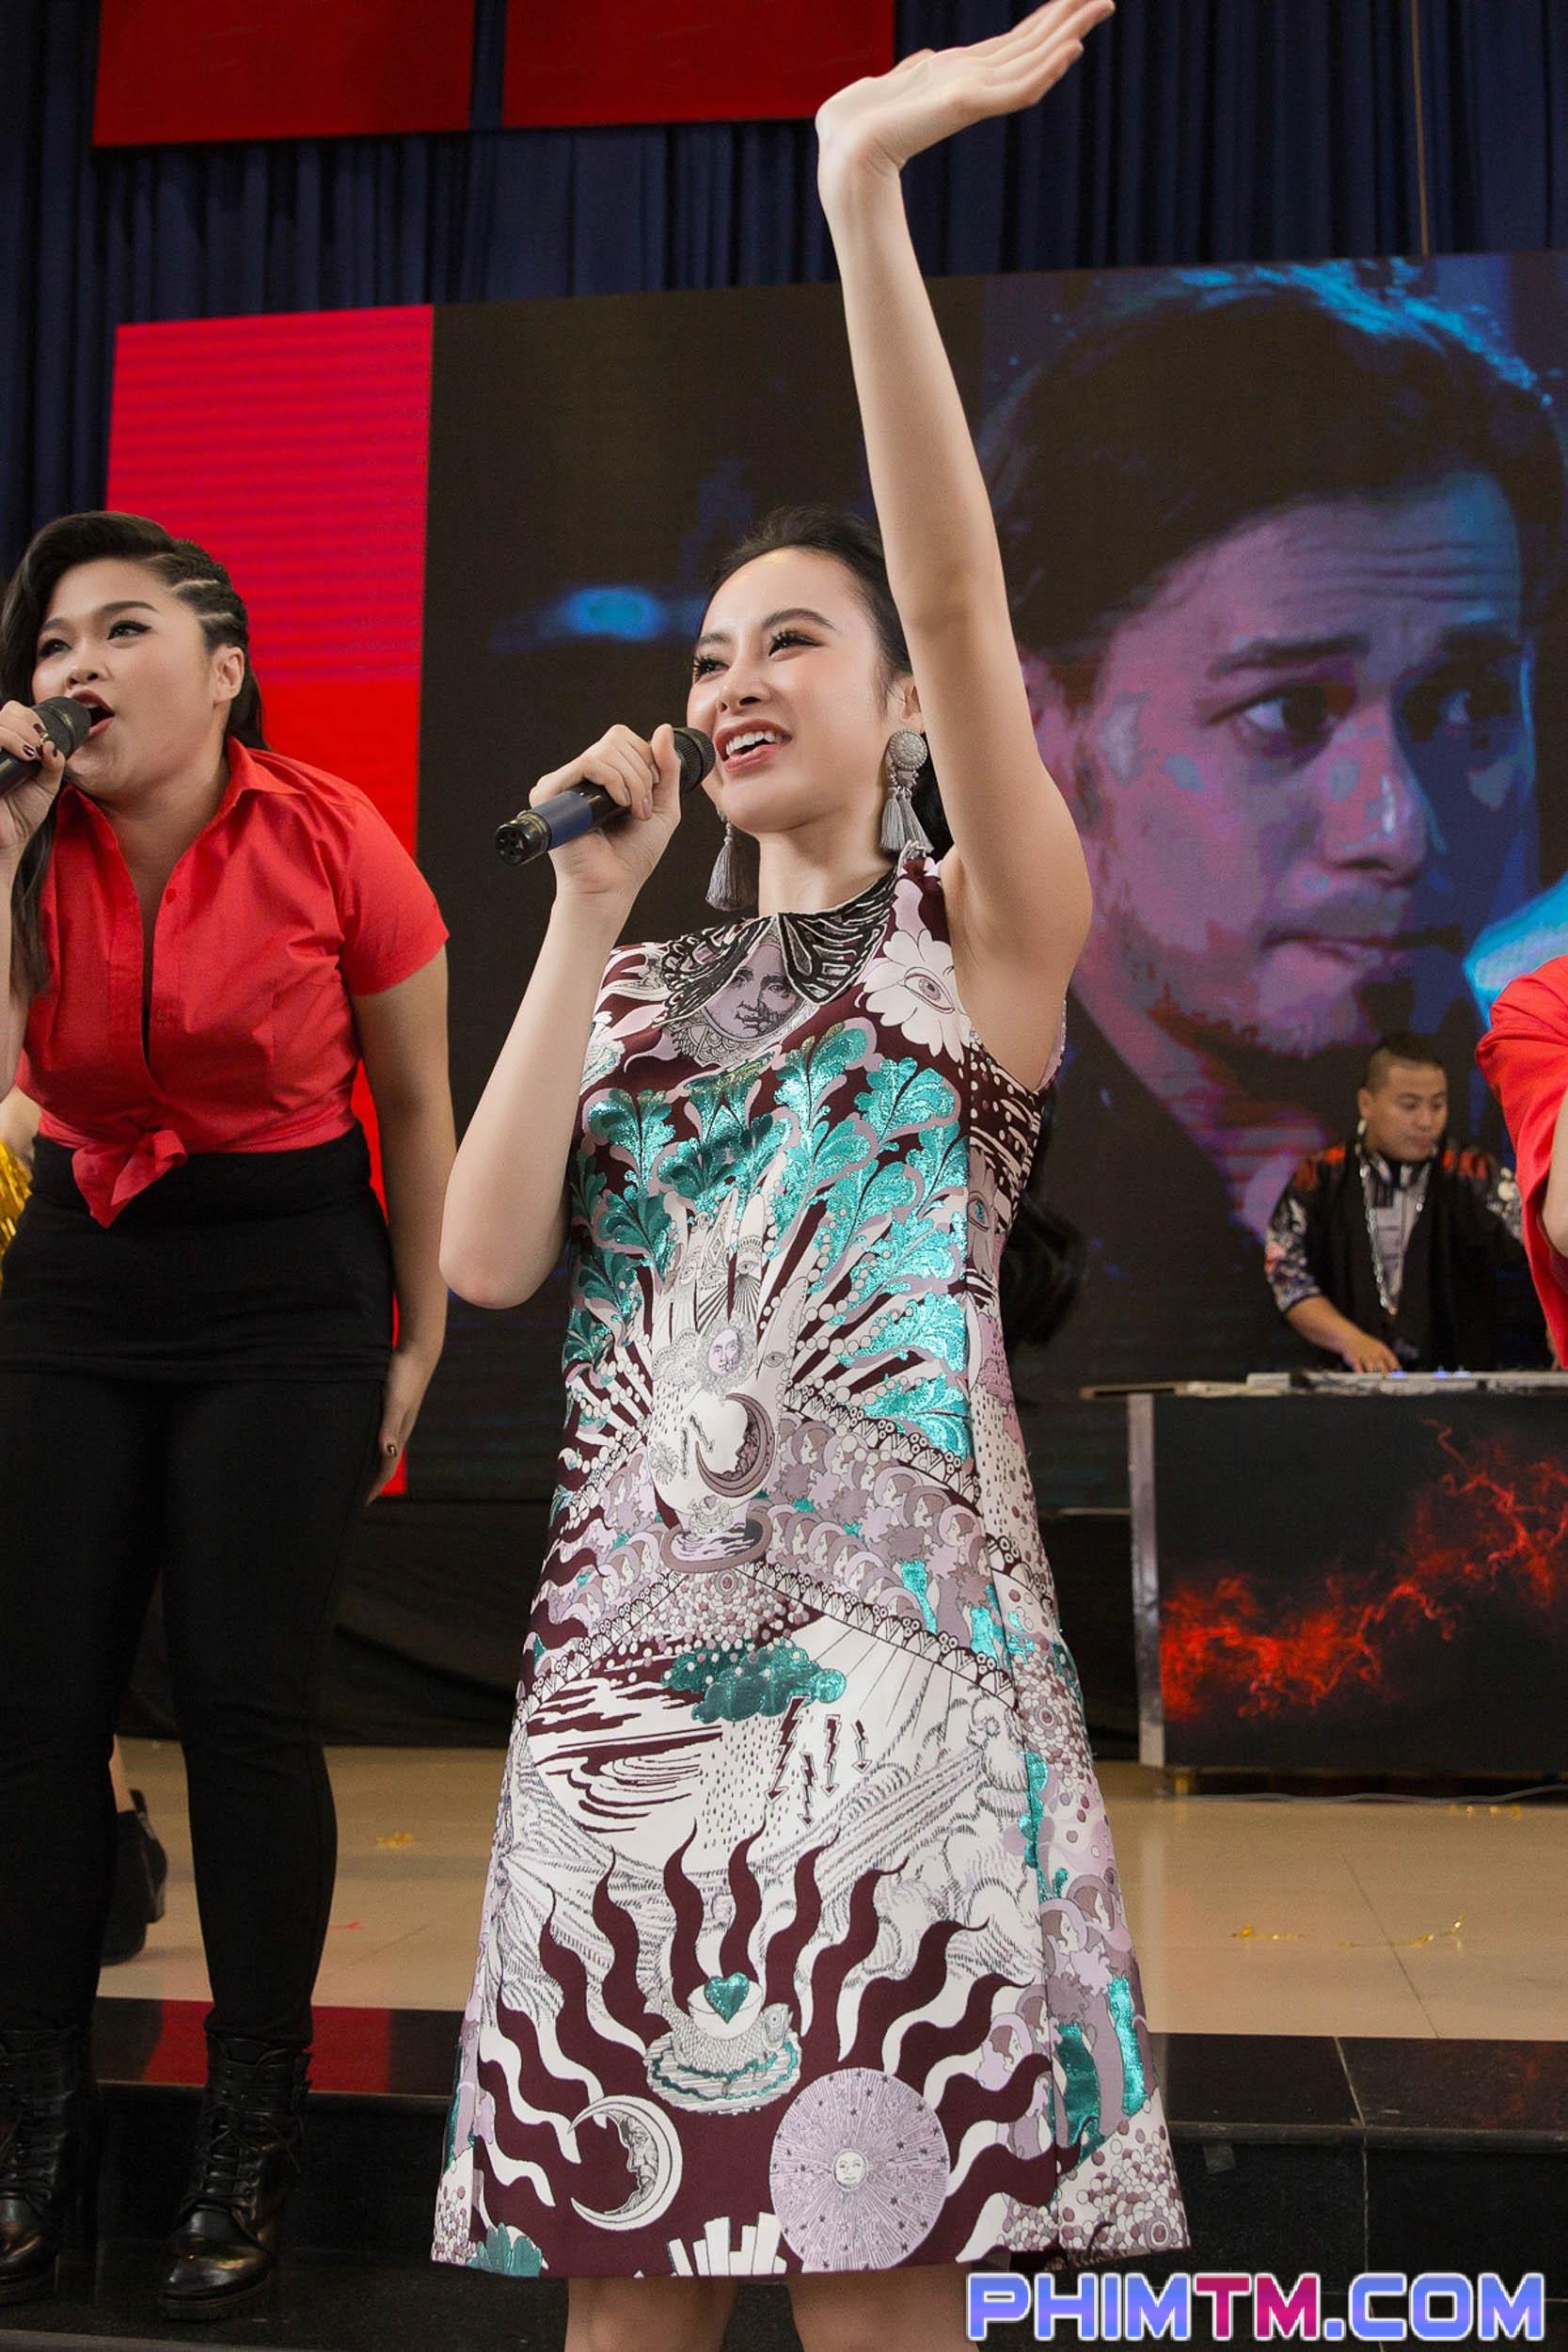 Angela Phương Trinh bất ngờ công bố chuẩn bạn trai ngoài đời phải chất và đàn ông như Hữu Vi - Ảnh 1.